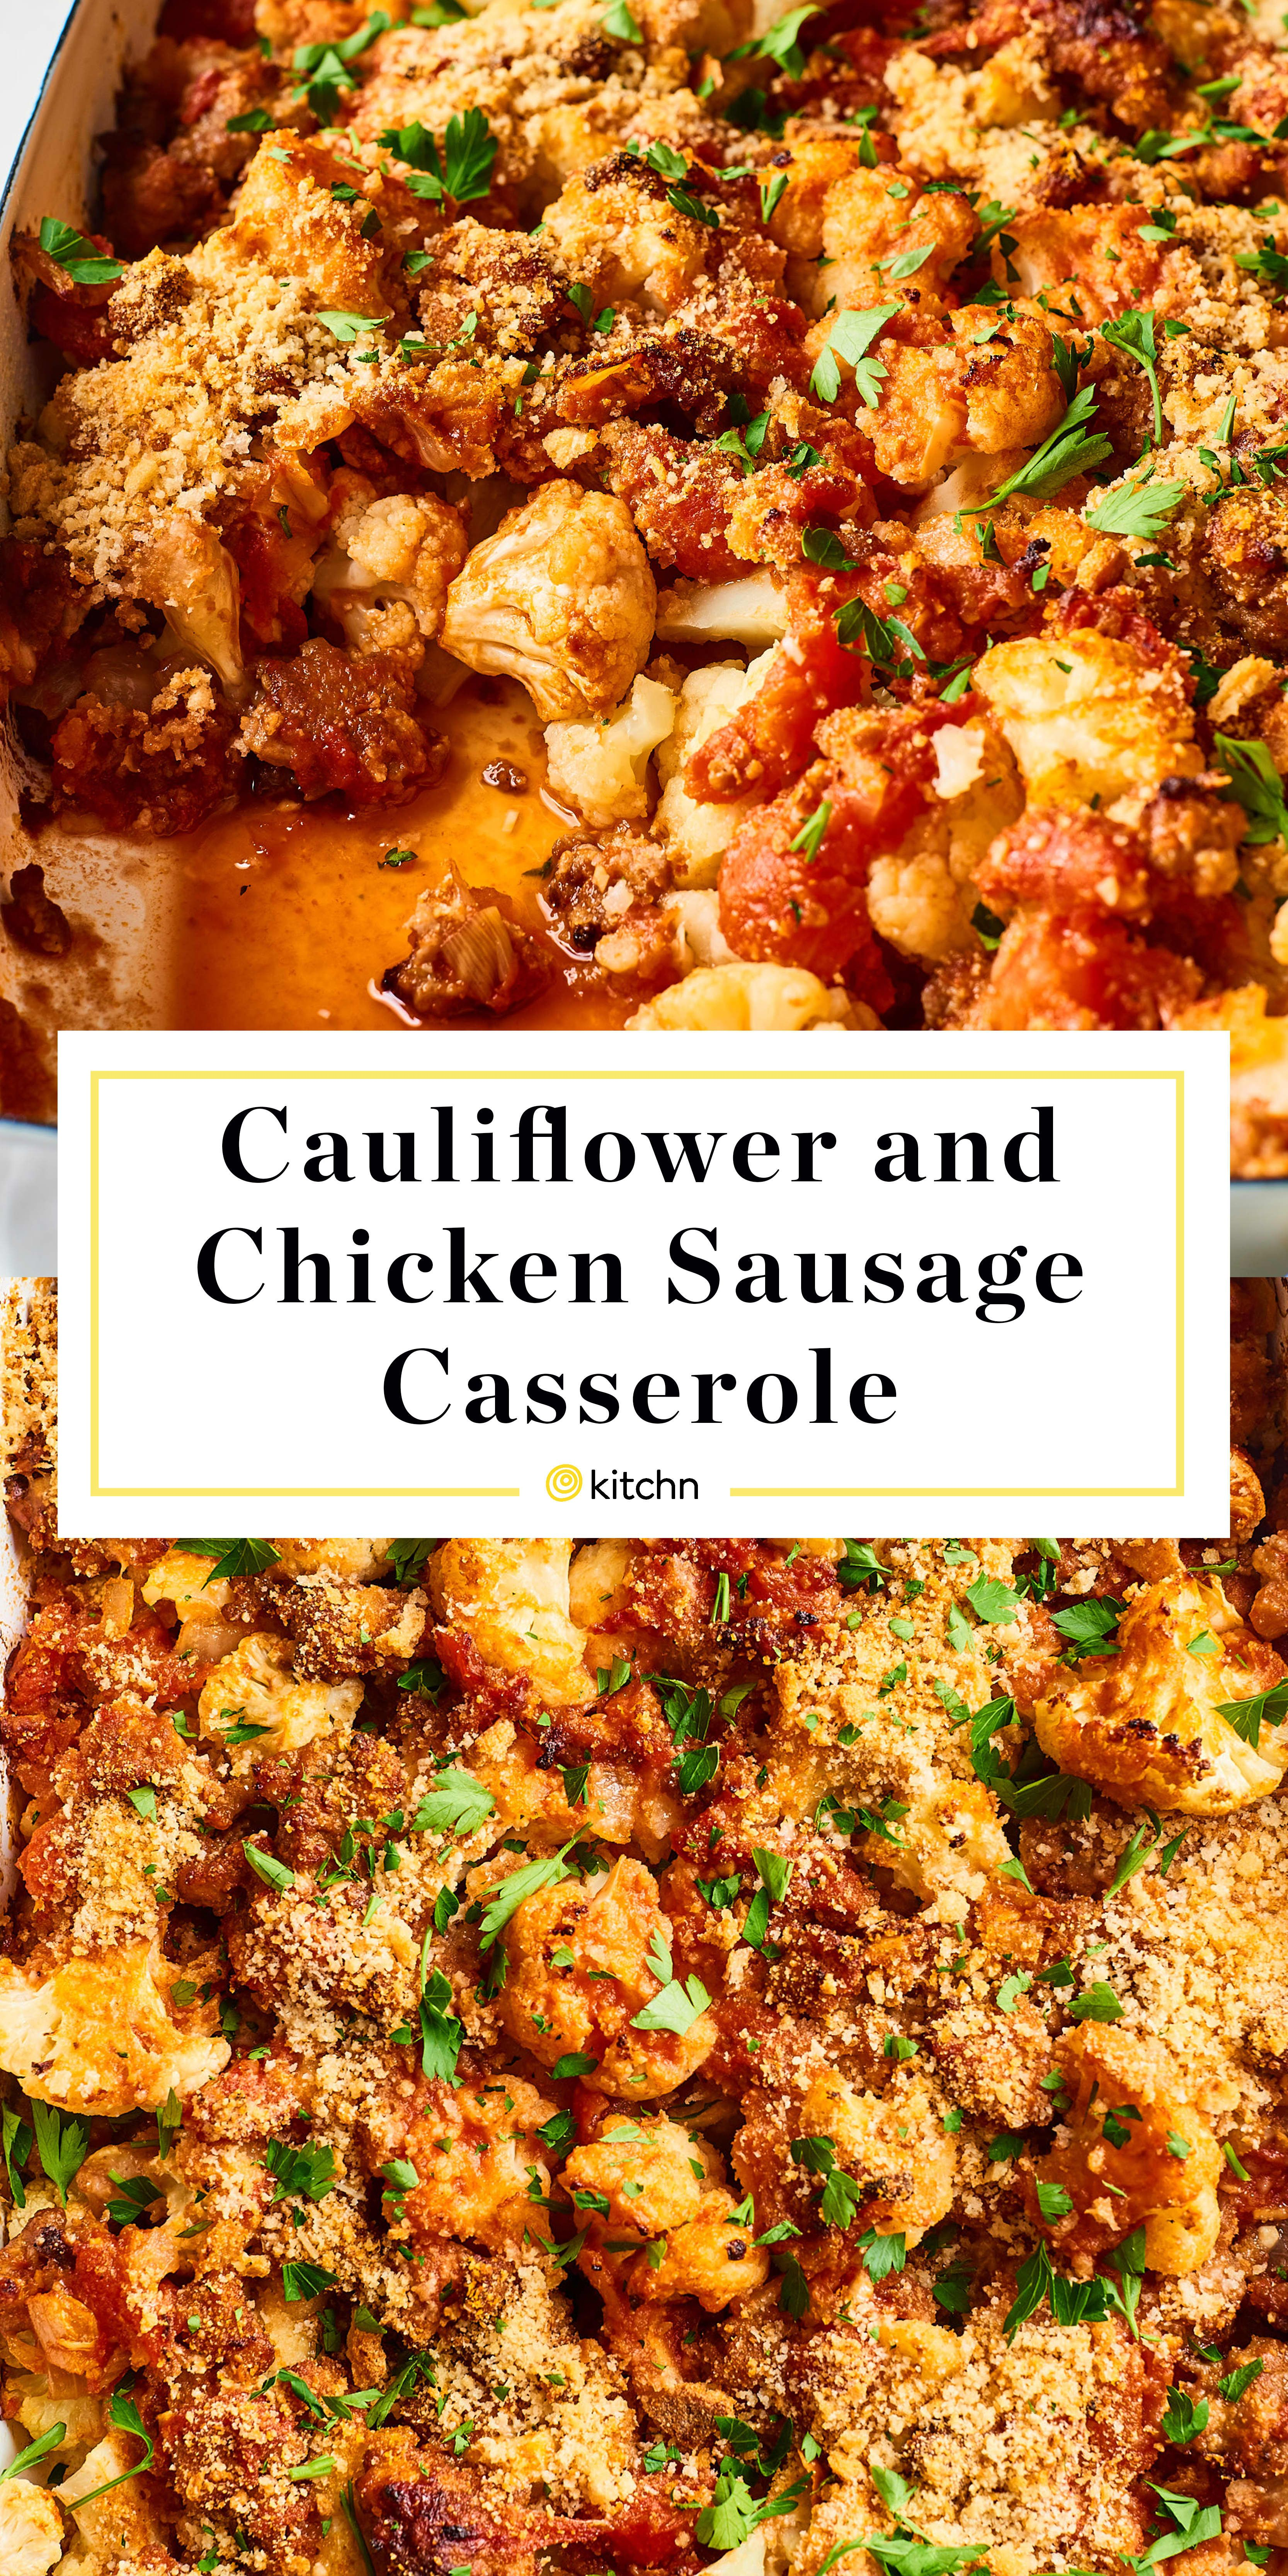 Recipe Cauliflower Chicken Sausage Casserole Recipe Chicken Sausage Recipes Healthy Chicken Sausage Recipes Chicken Sausage